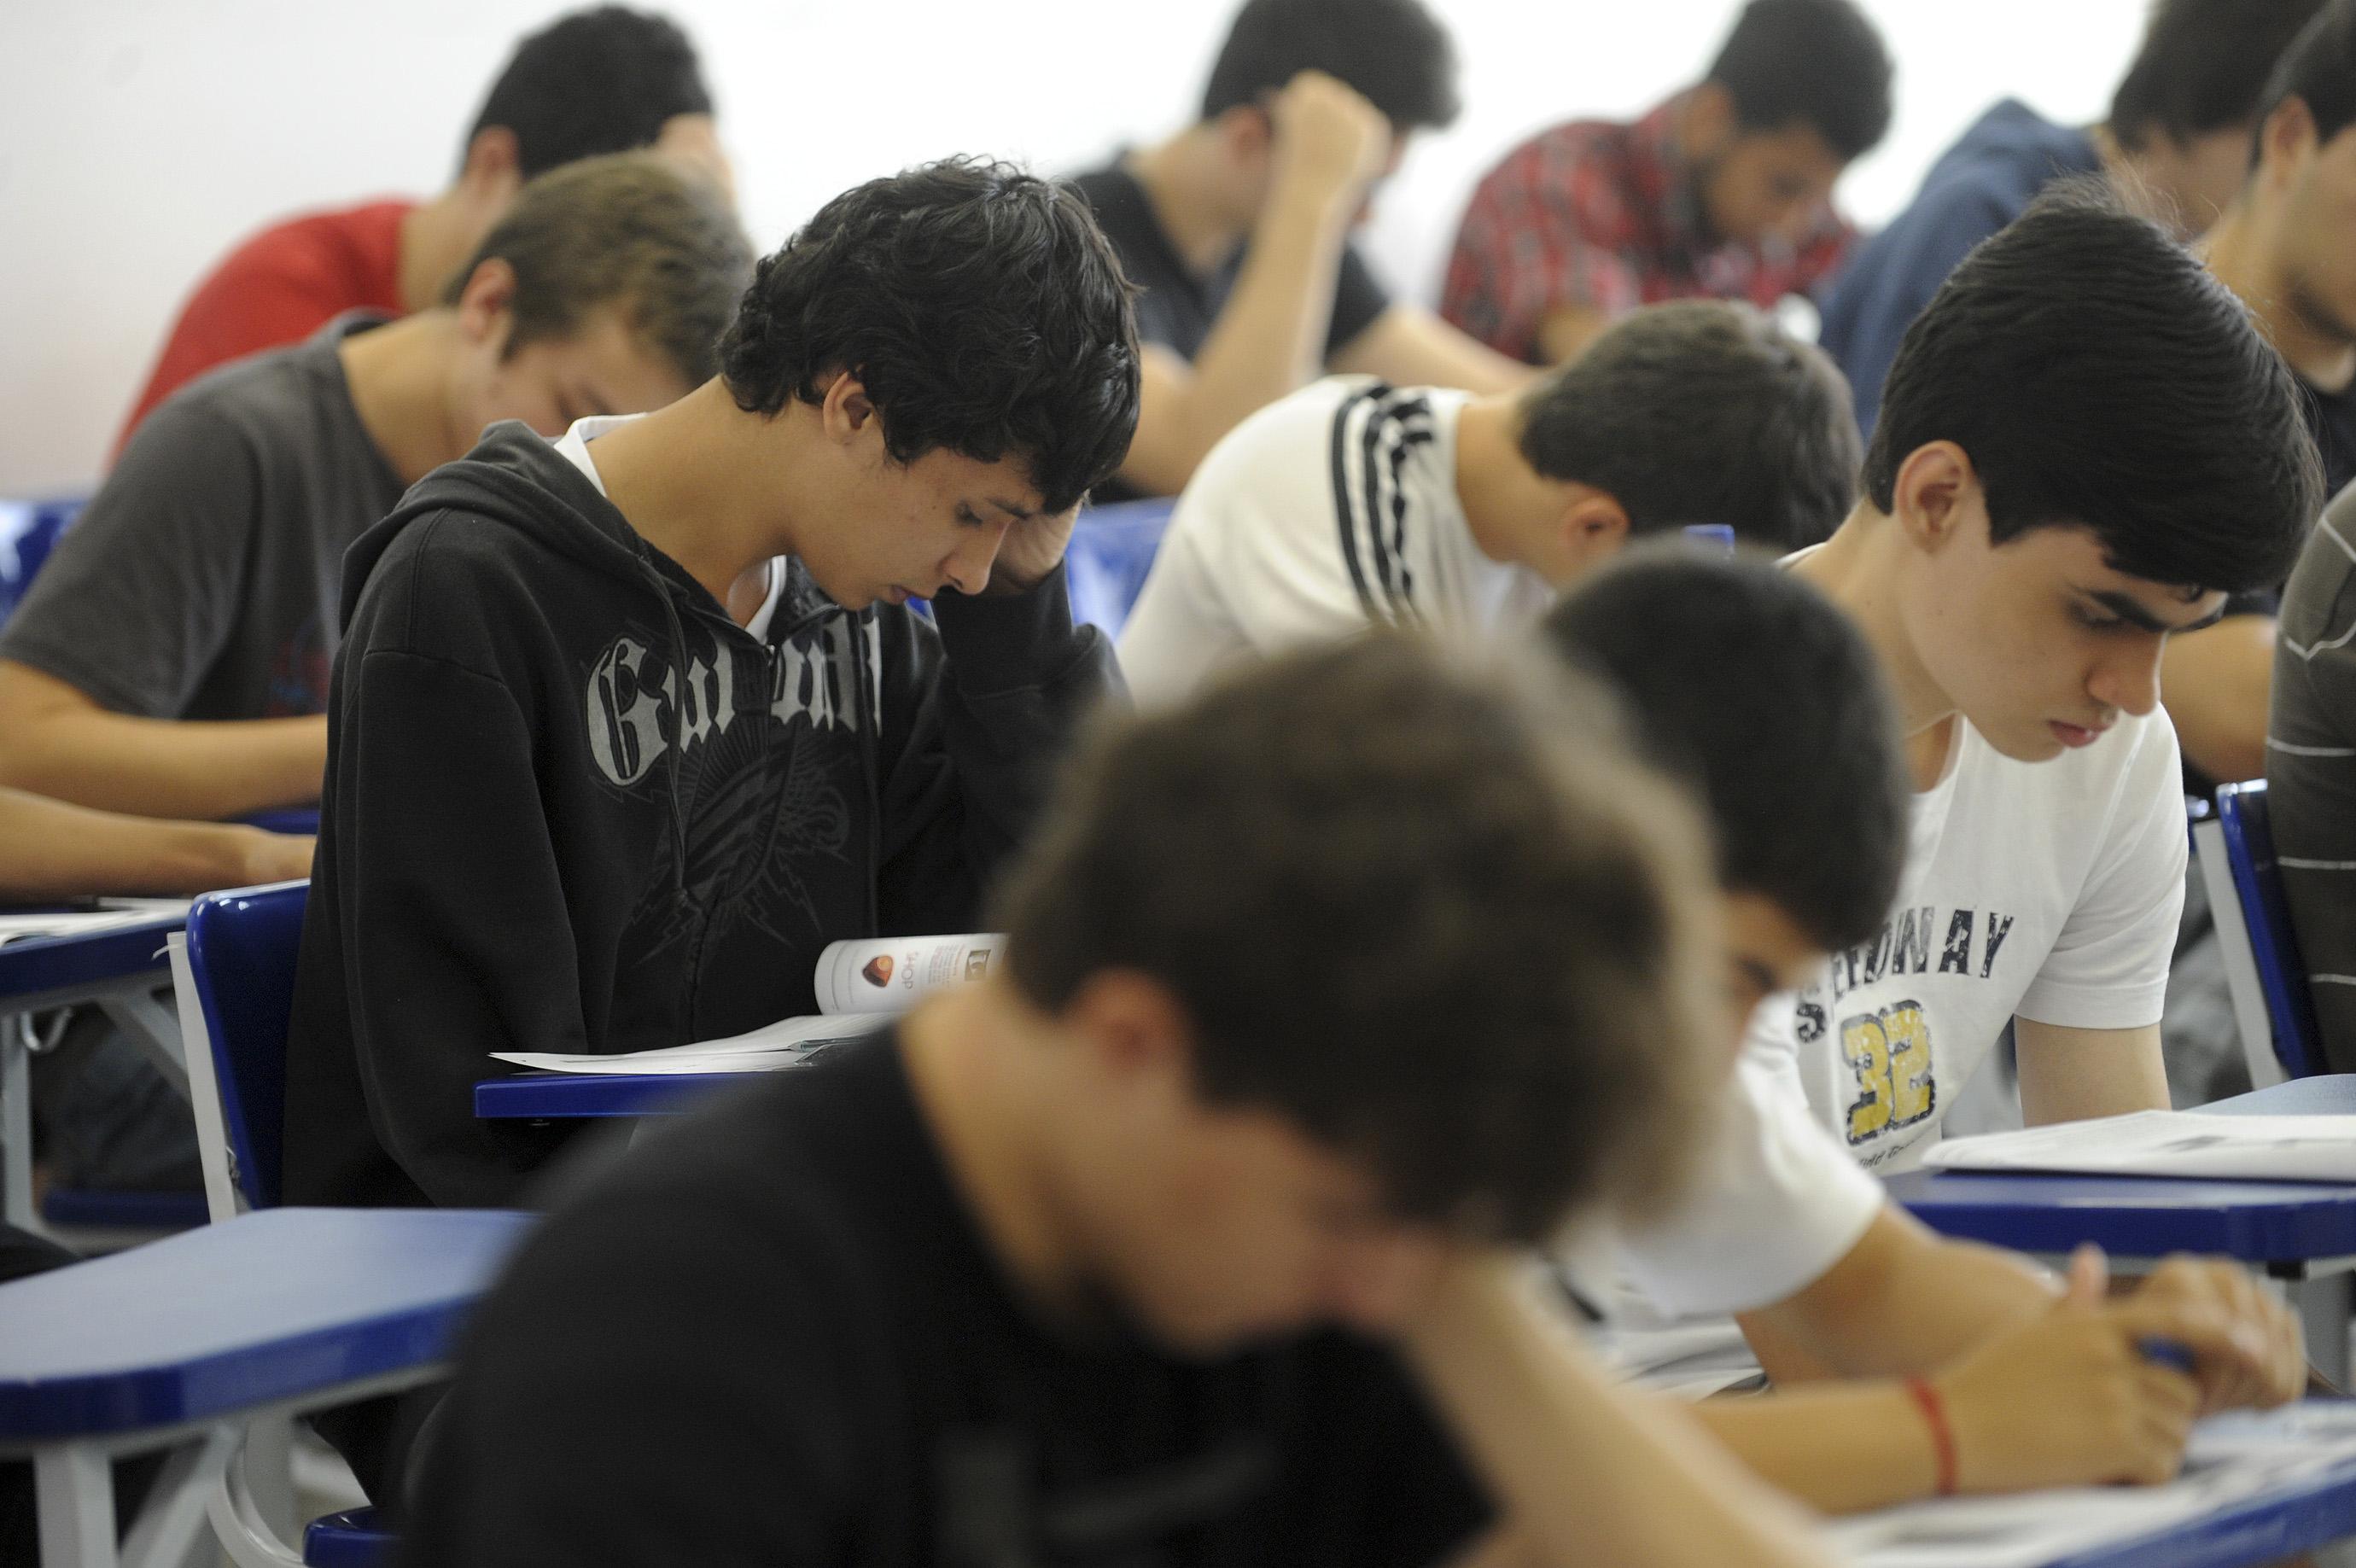 Mais de 1 milhão de jovens não conseguem terminar ensino médio até os 19 anos